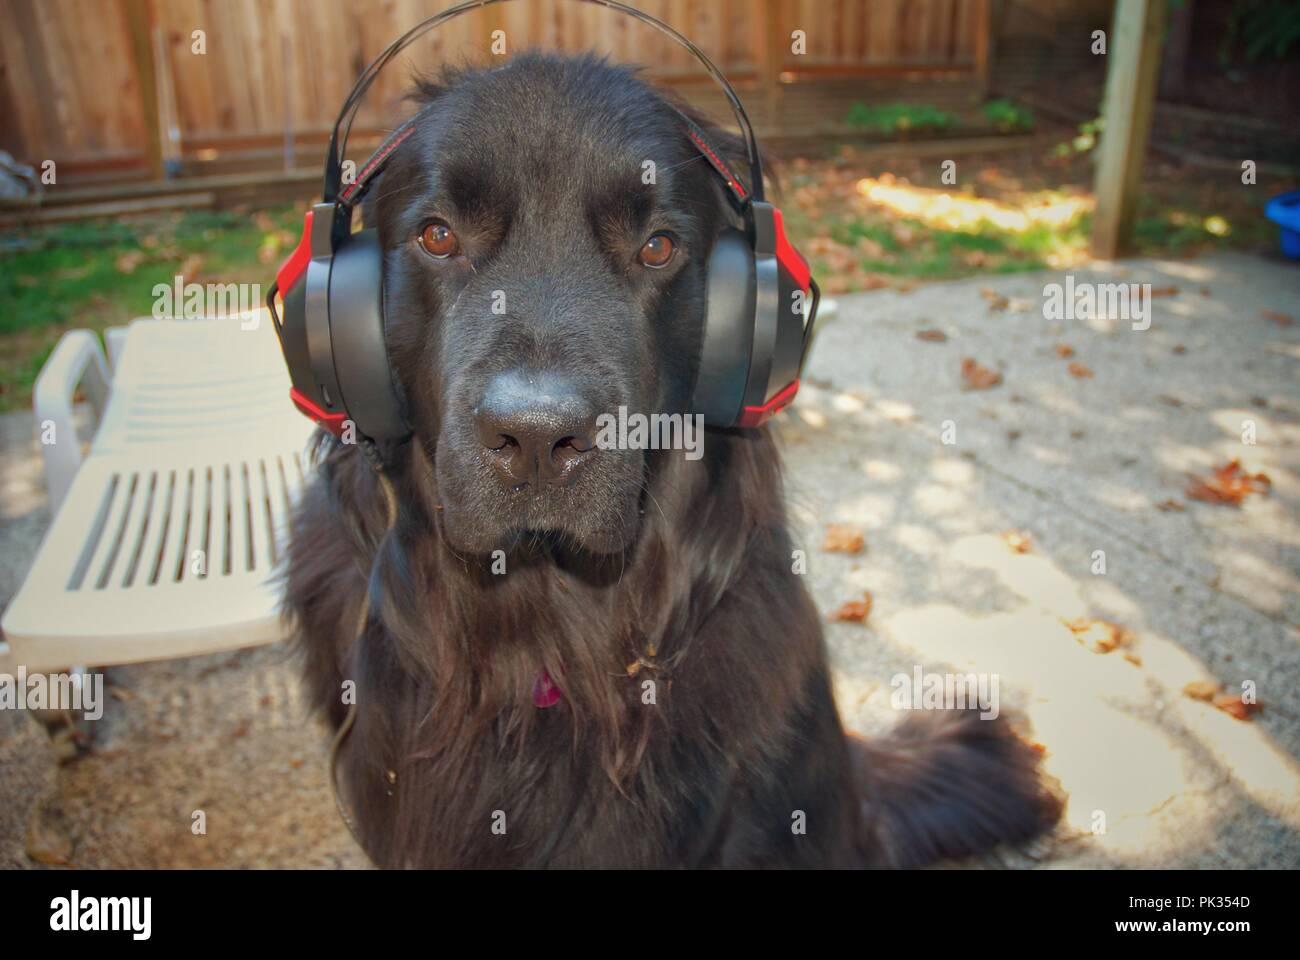 Newfoundland Dog Wearing Headphones - Stock Image